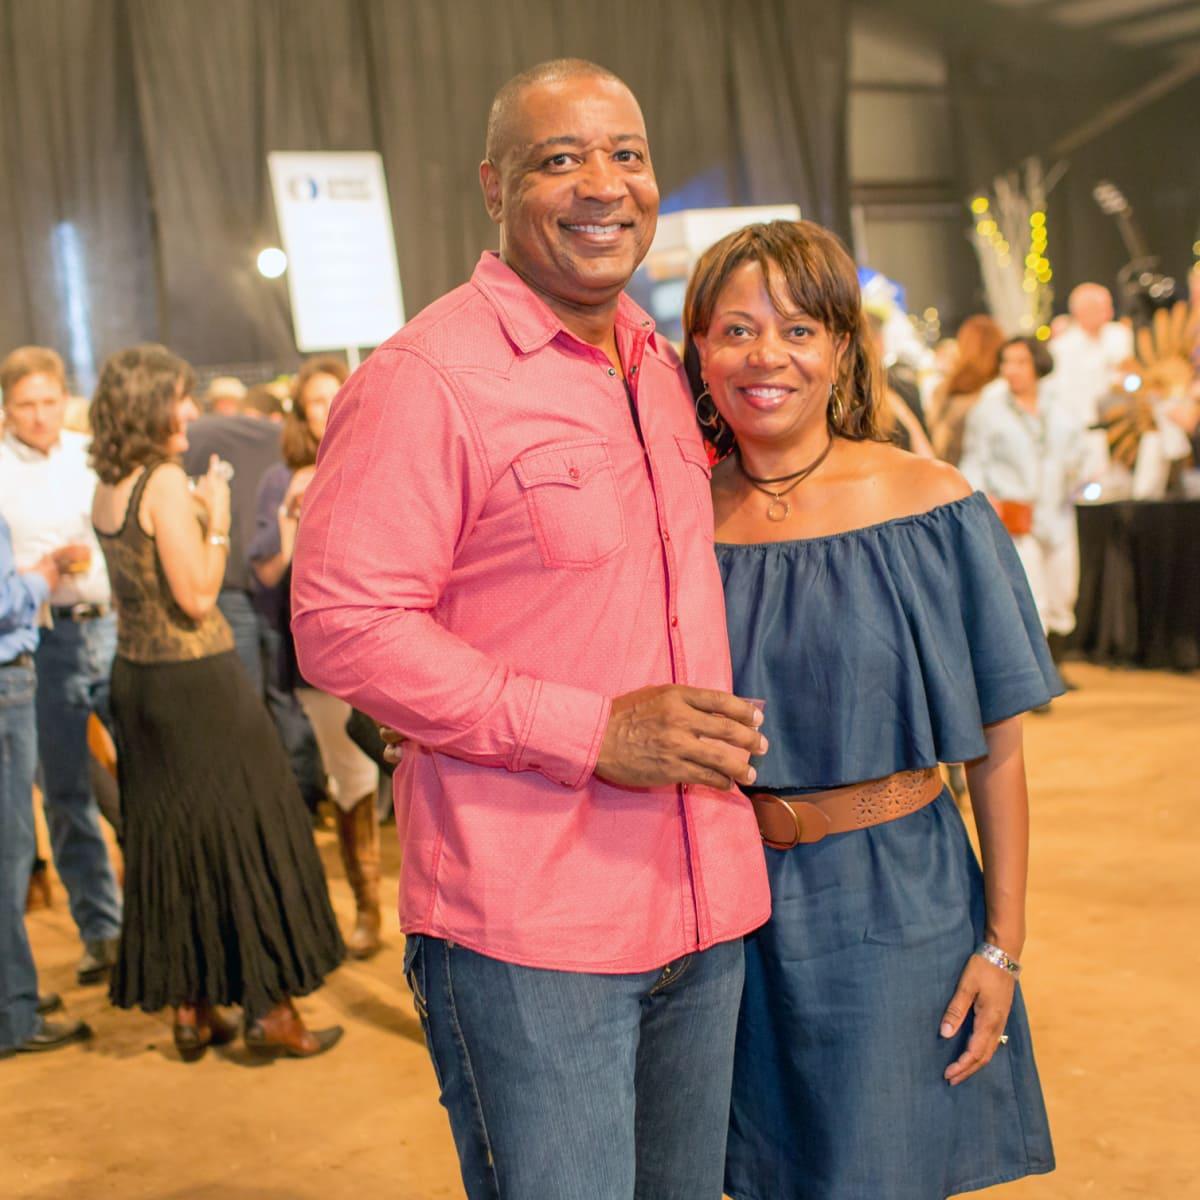 Houston, Cattle Barron's Ball 2017, May 2017, Evette Oates, Kennedy Oates